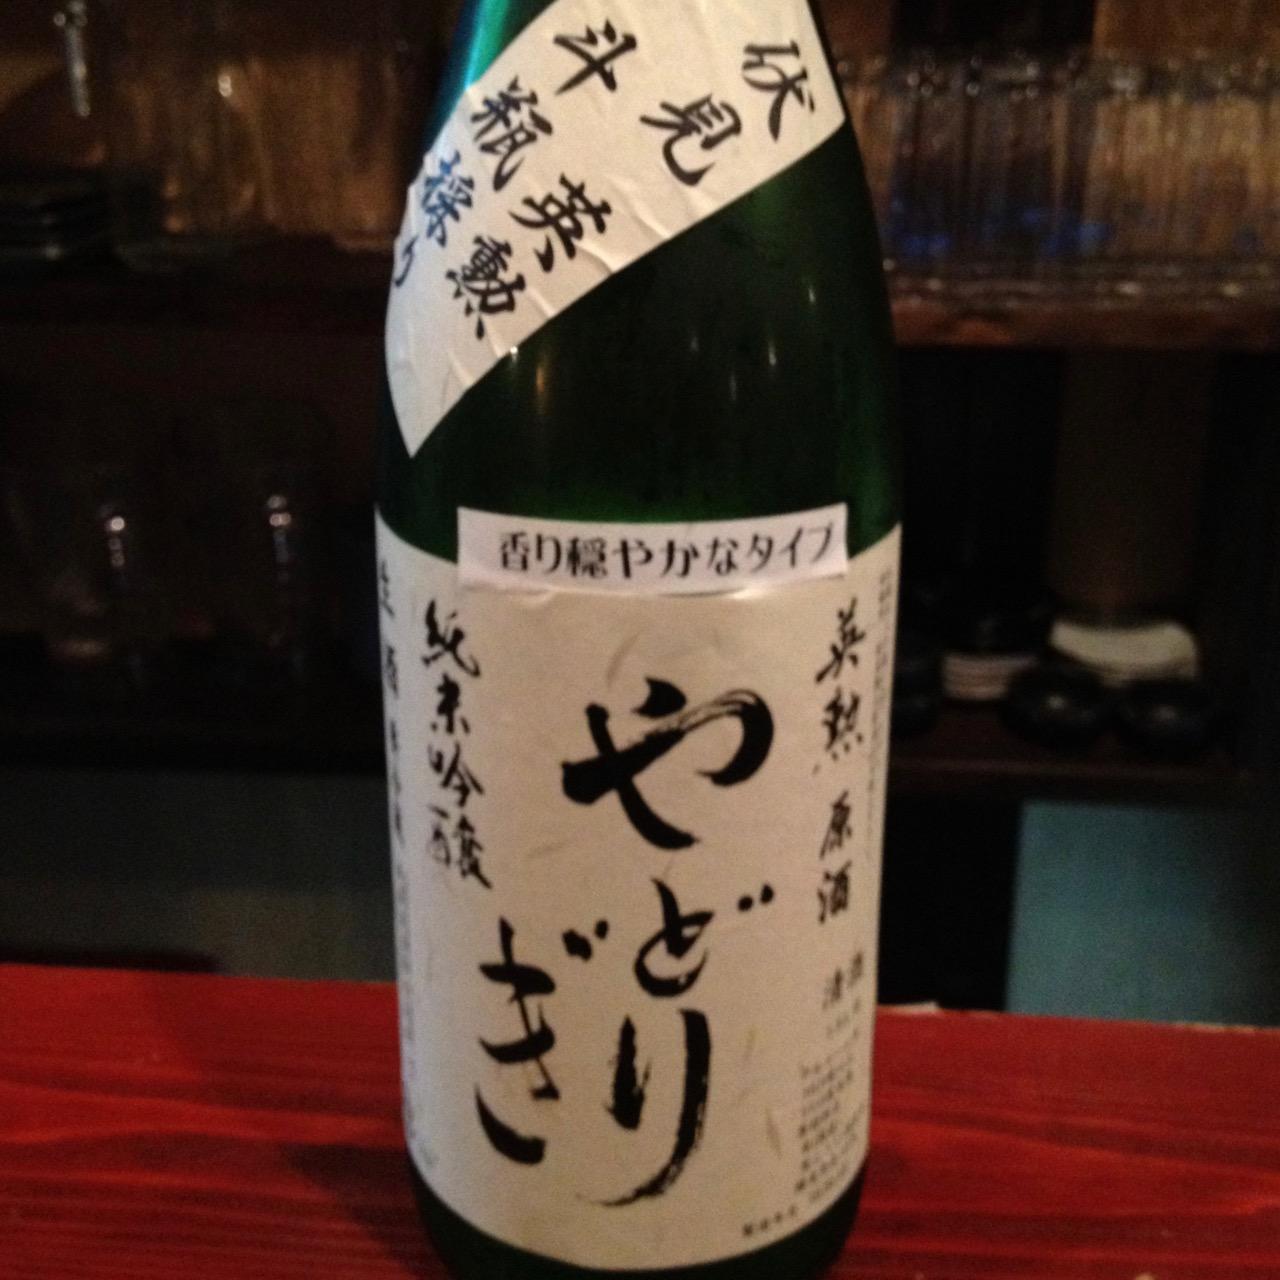 英勲 やどりぎ 純米吟醸 原酒|日本酒テイスティングノート